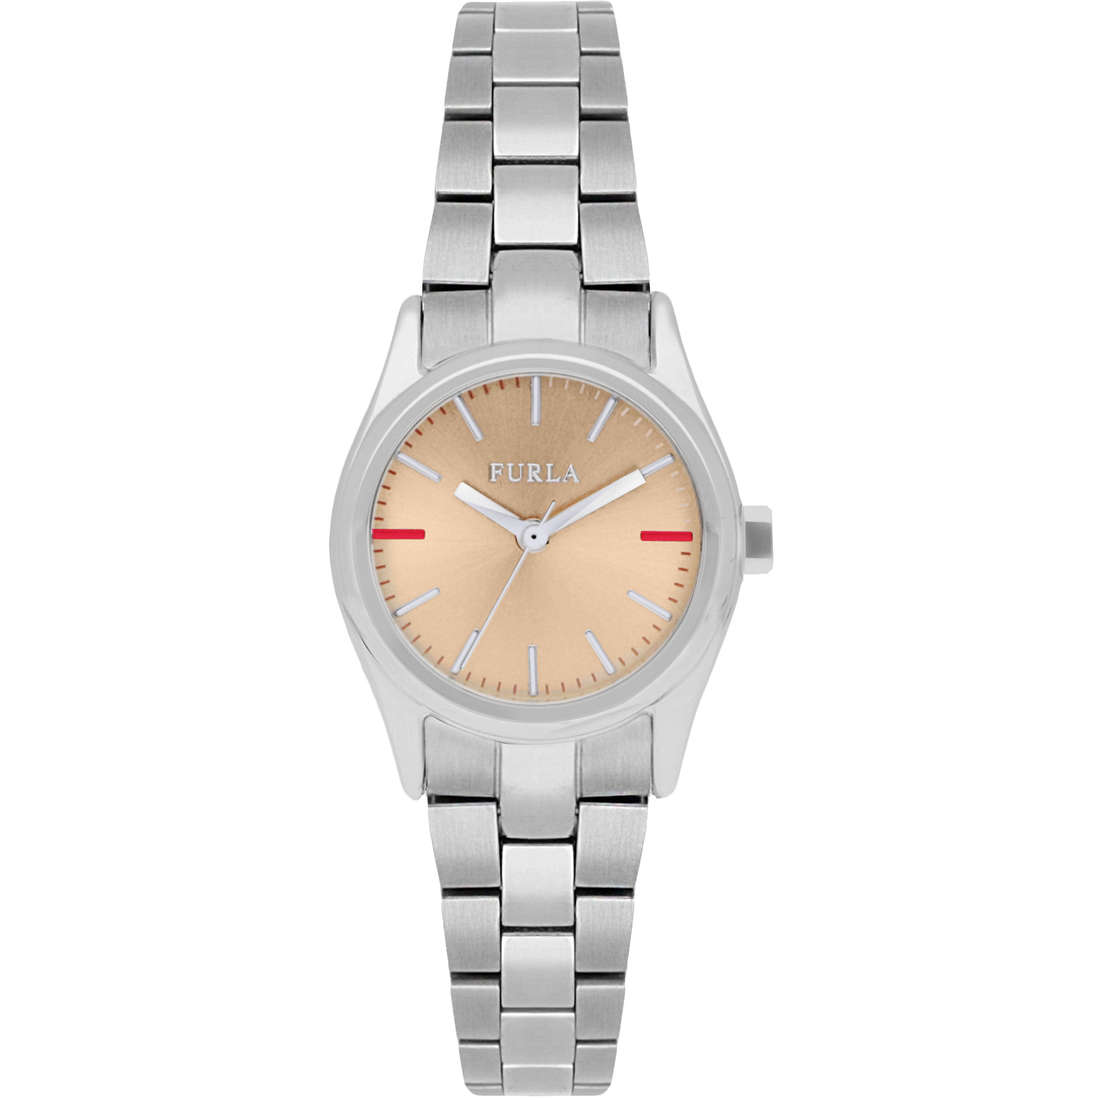 orologio solo tempo donna Furla Eva R4253101517